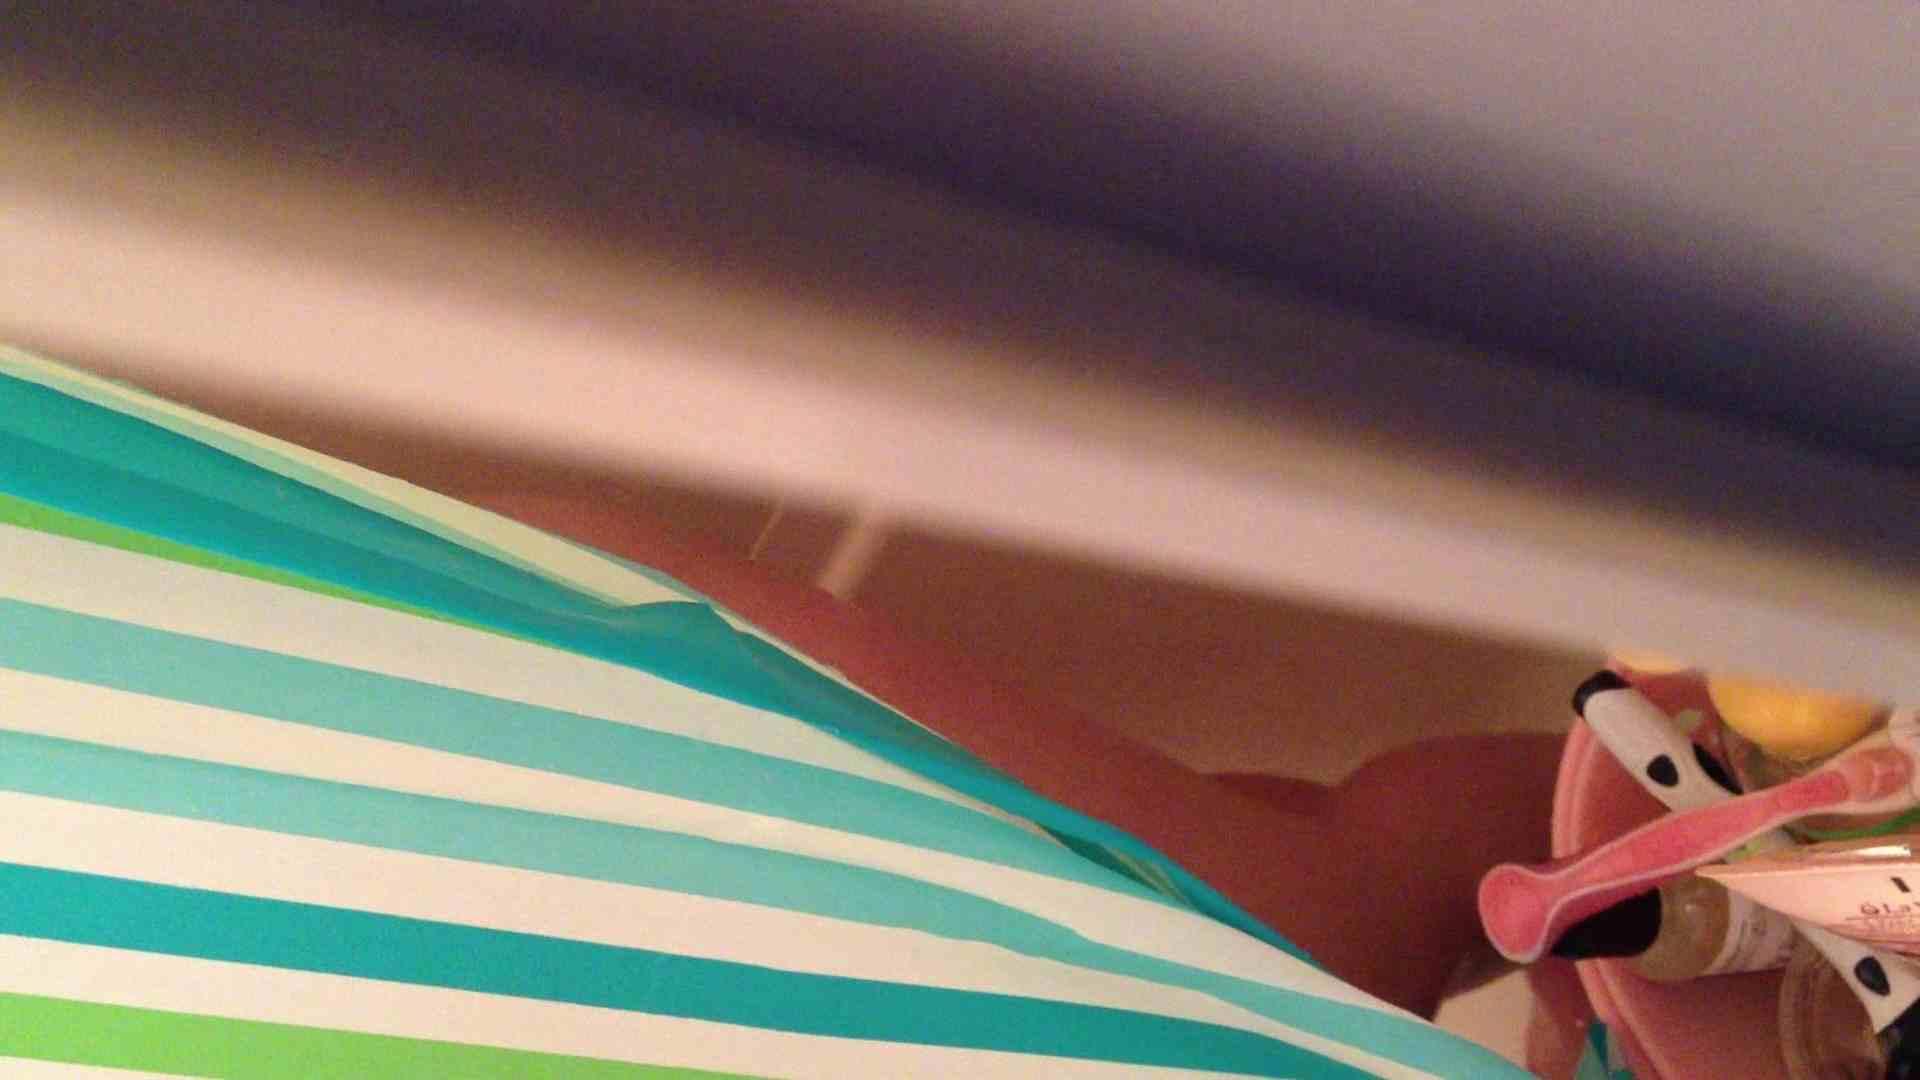 16(16日目)シャワー中にムダ毛処理をする彼女 パイパン映像 | 一般投稿  100pic 46